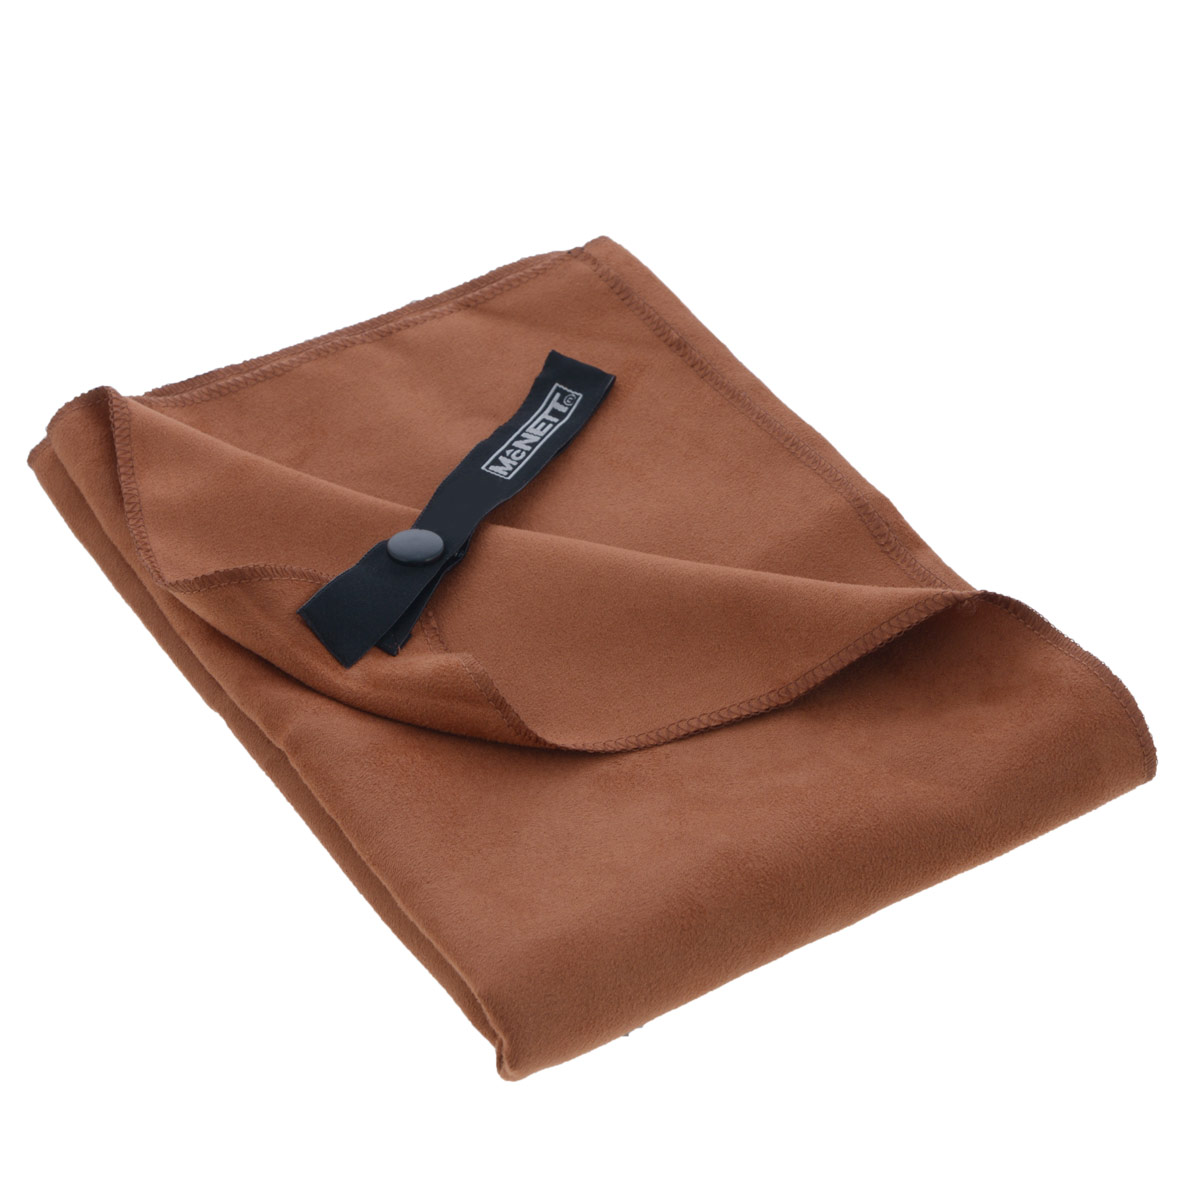 Полотенце McNett Outgo, цвет: терракот, 77 см х 128 см51130Микроволоконное полотенце McNett Outgo - это специально разработанная высокоплотная вязаная чрезвычайно компактная ткань с абсолютно уникальными впитывающими и чистящими свойствами. Сверхтонкие (0.2 денье) микроволоконные сплетения быстро сохнут - 90% воды удаляется при ручном отжиме. Приятное на ощупь, обладающее уникальными свойствами микроволокон, полотенце McNett Outgo идеально подойдет любителям различных поездок, походов и водных видов спорта. В комплекте удобный чехол, выполненный из сетки с водоотталкивающей подкладкой.